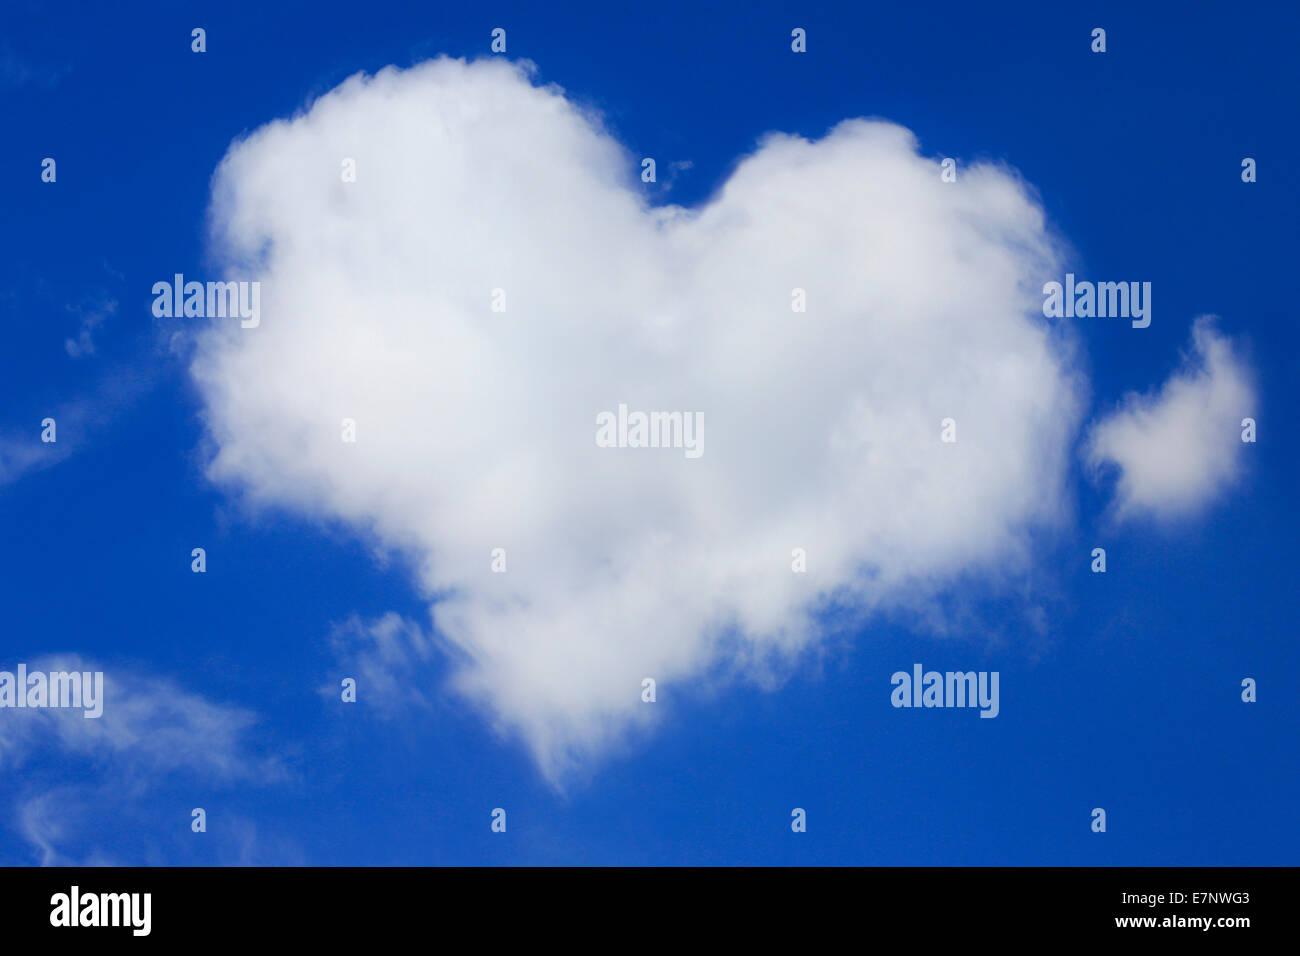 Herz, Herzform, Himmel, Liebe, Luft, Natur, Phänomen, Valentine, Breite, Breite, Wetter, Wind, Wolken, Wolke Stockbild